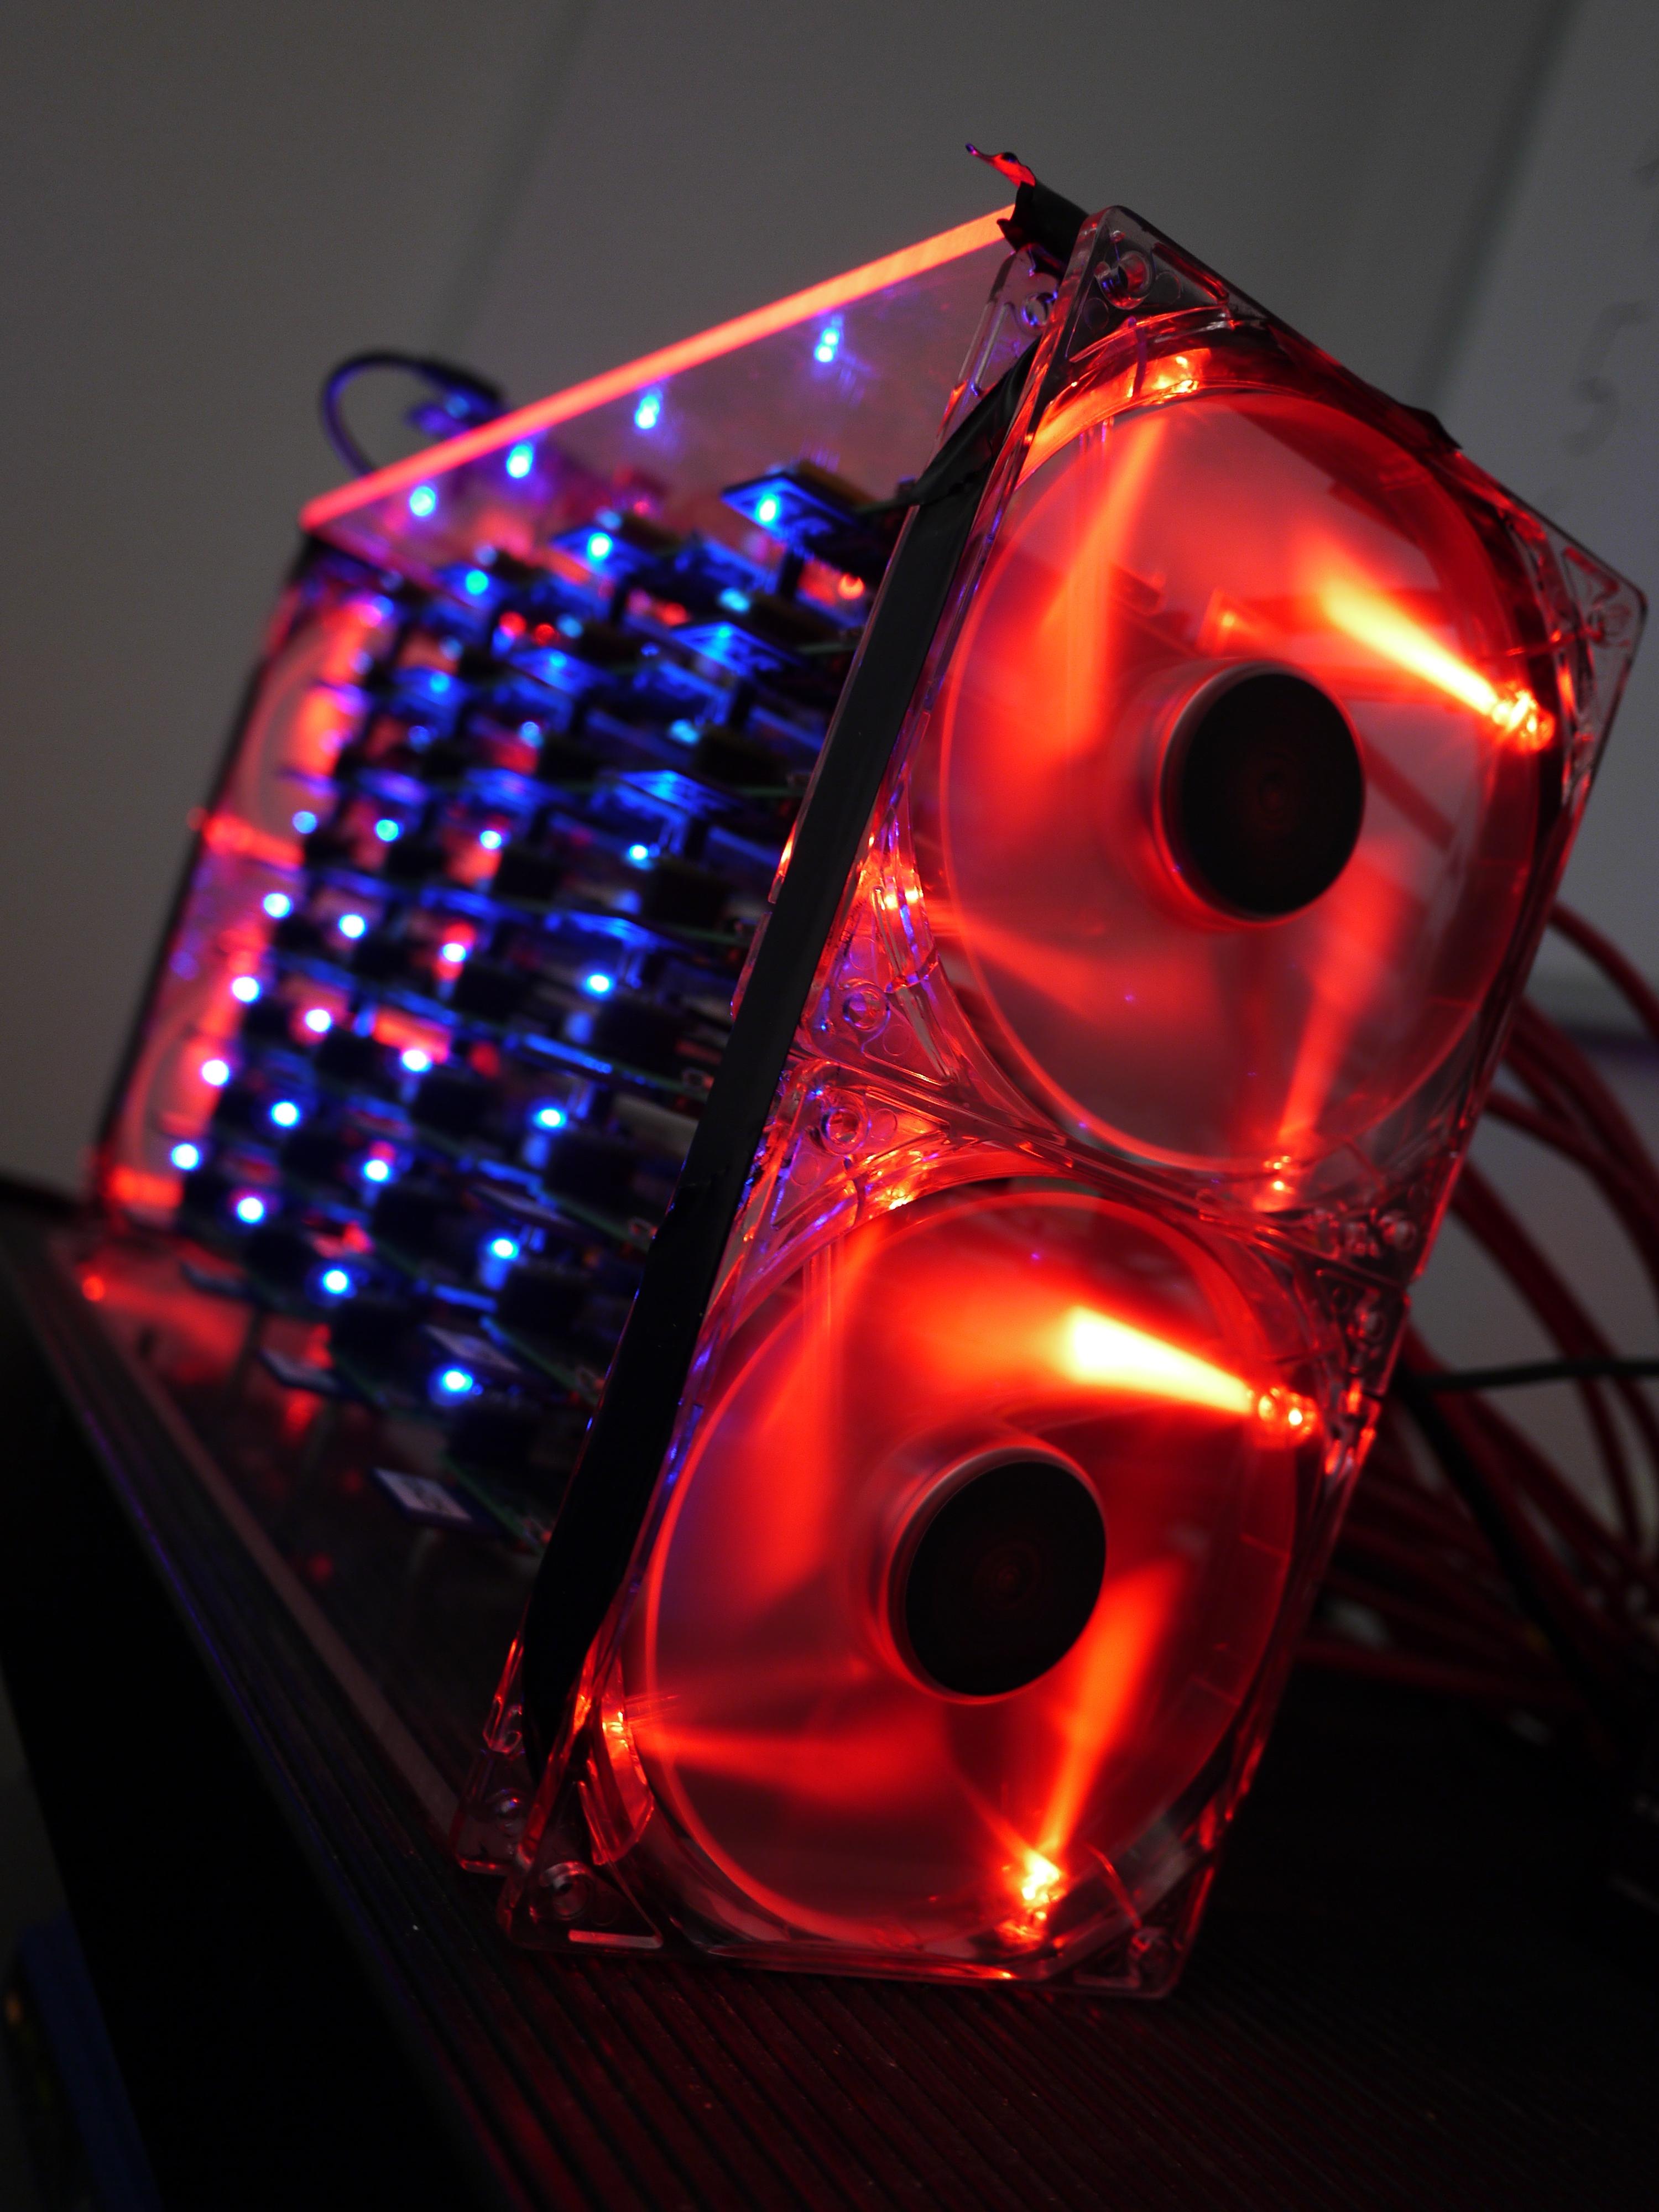 Klaster obliczeniowy z�o�ony z komputer�w Raspberry Pi.